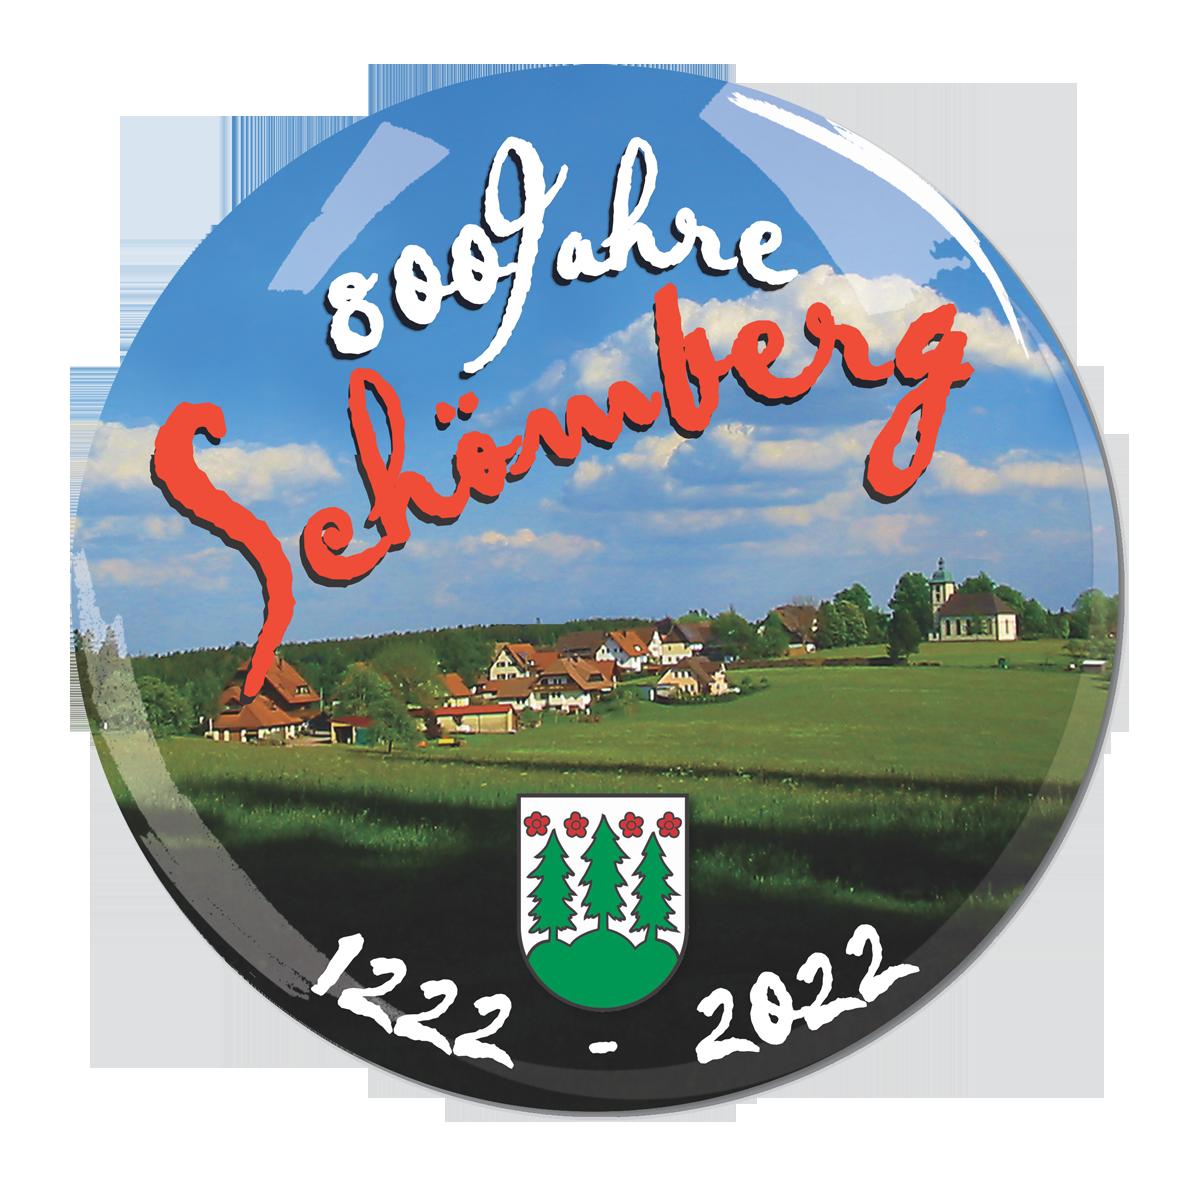 800 Jahre Schömberg Logo